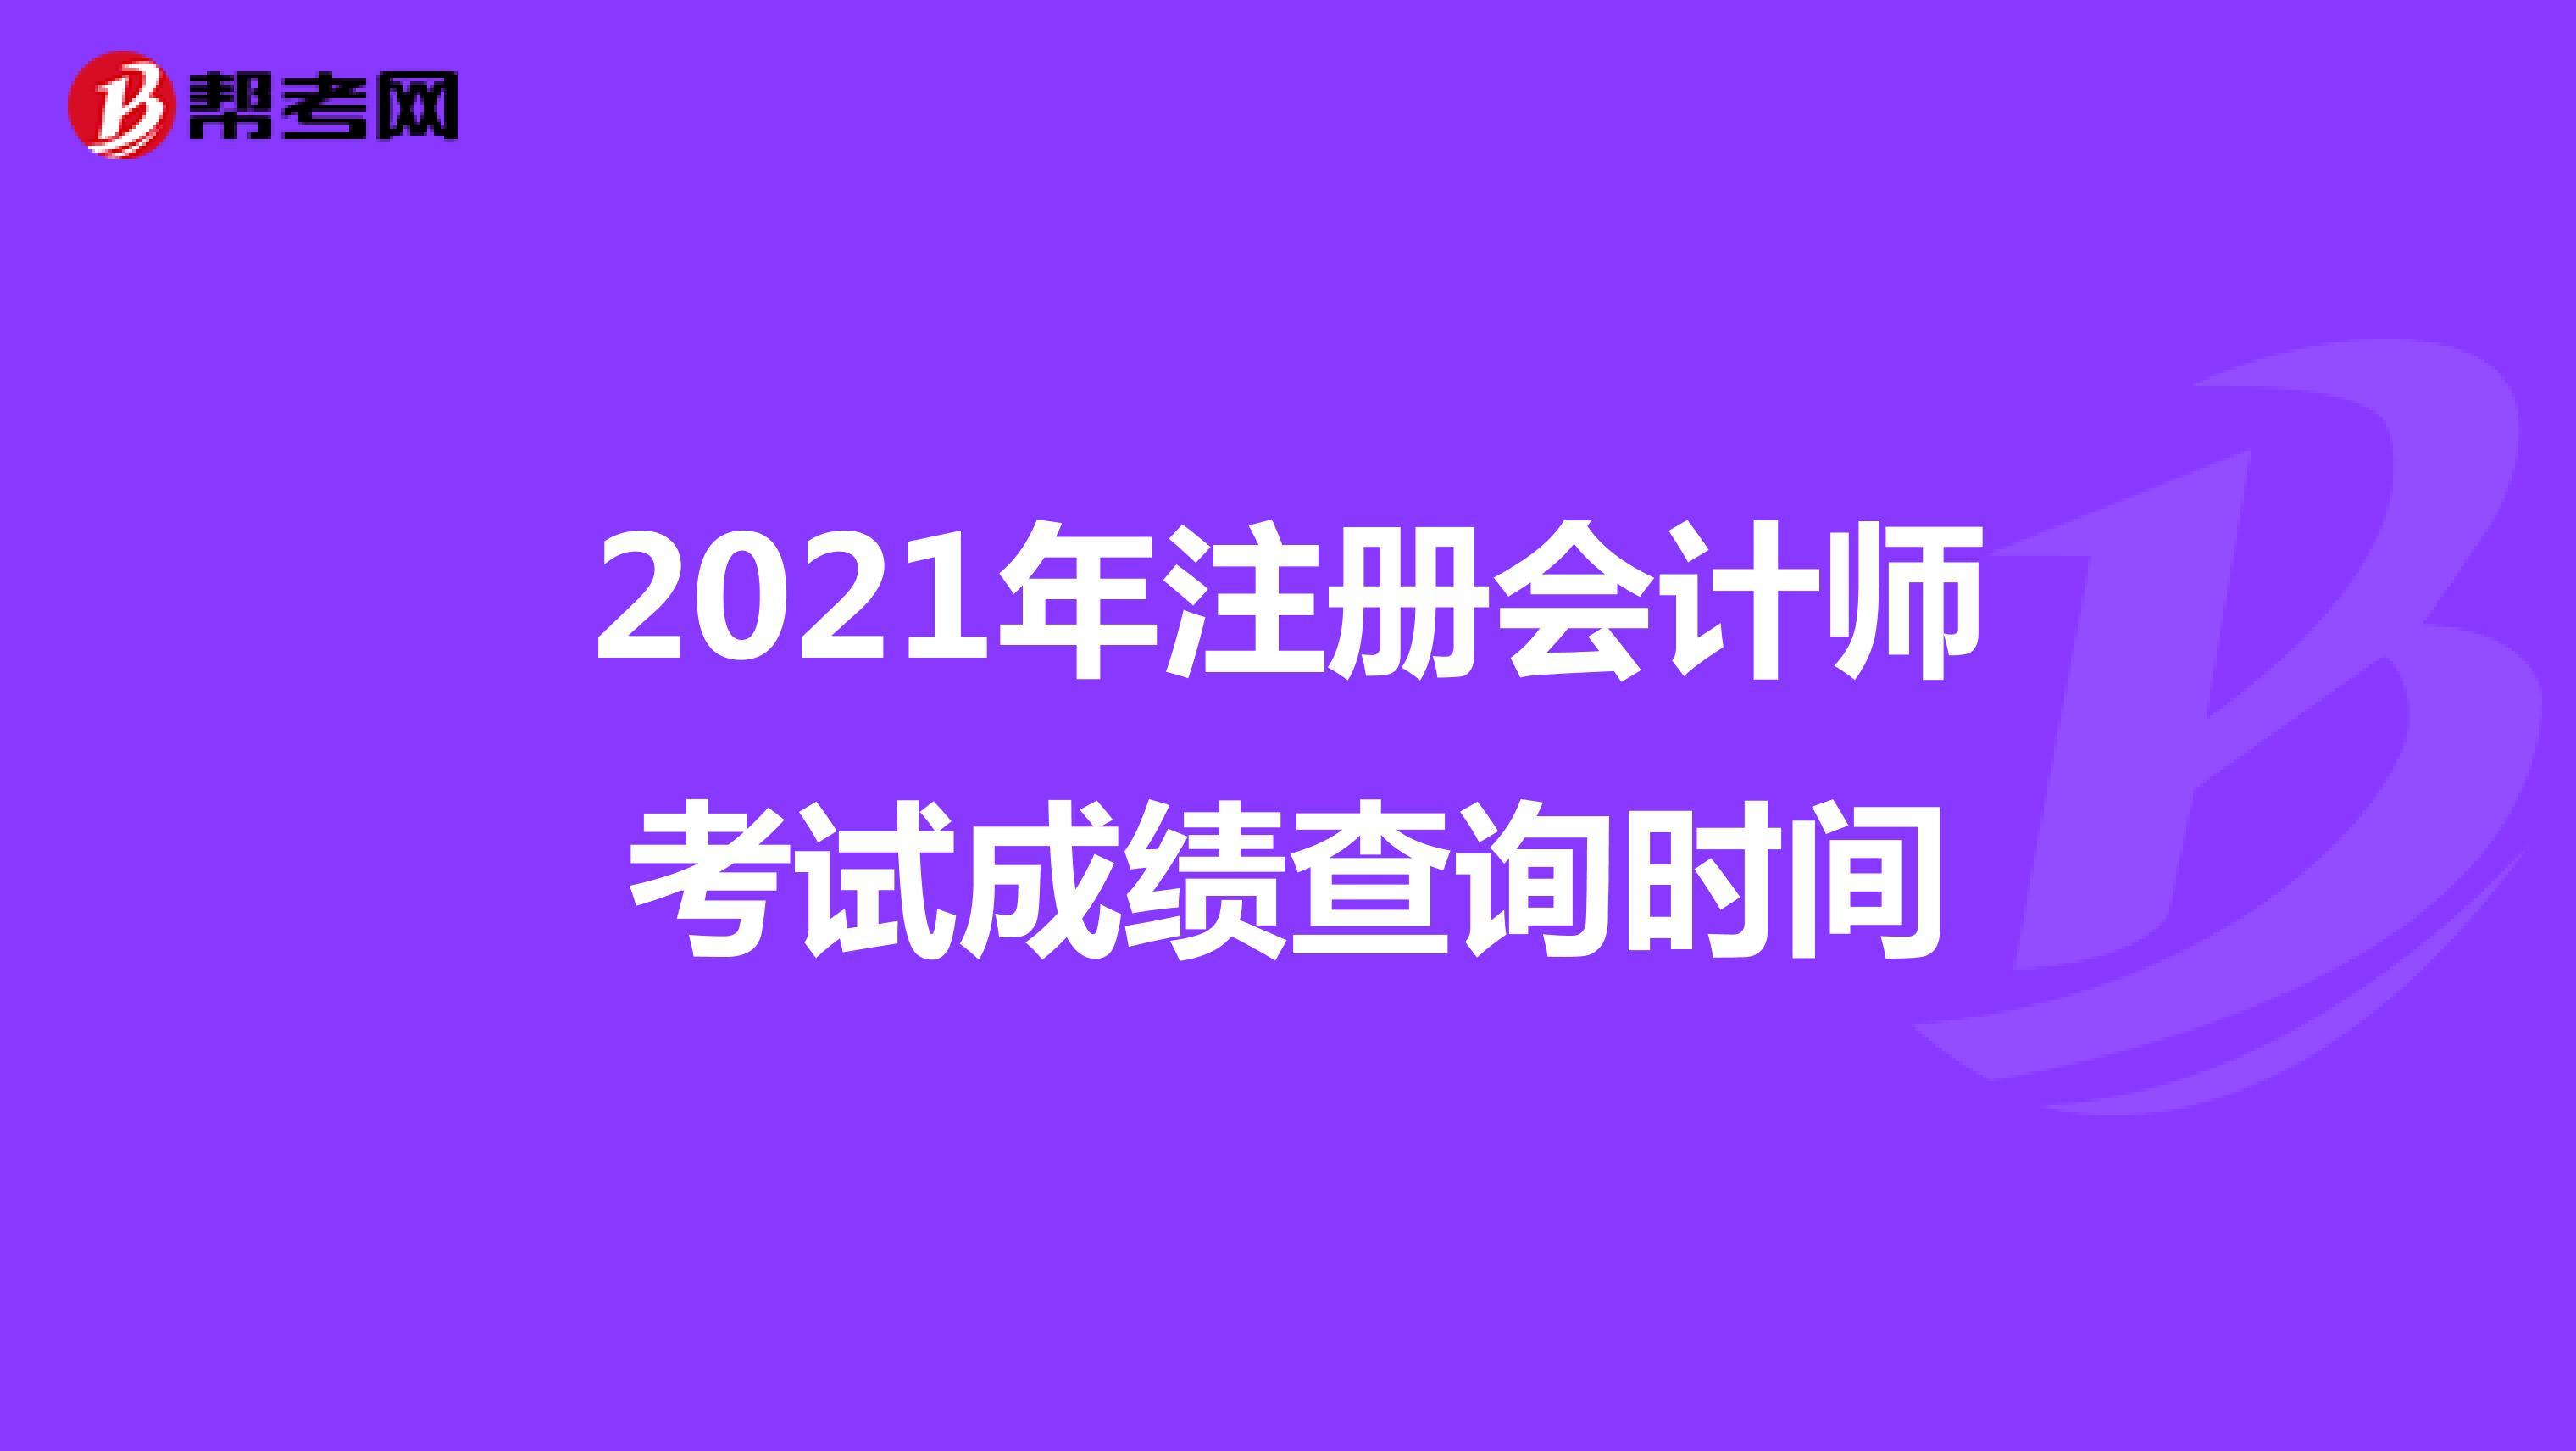 2021年注册会计师考试成绩查询时间